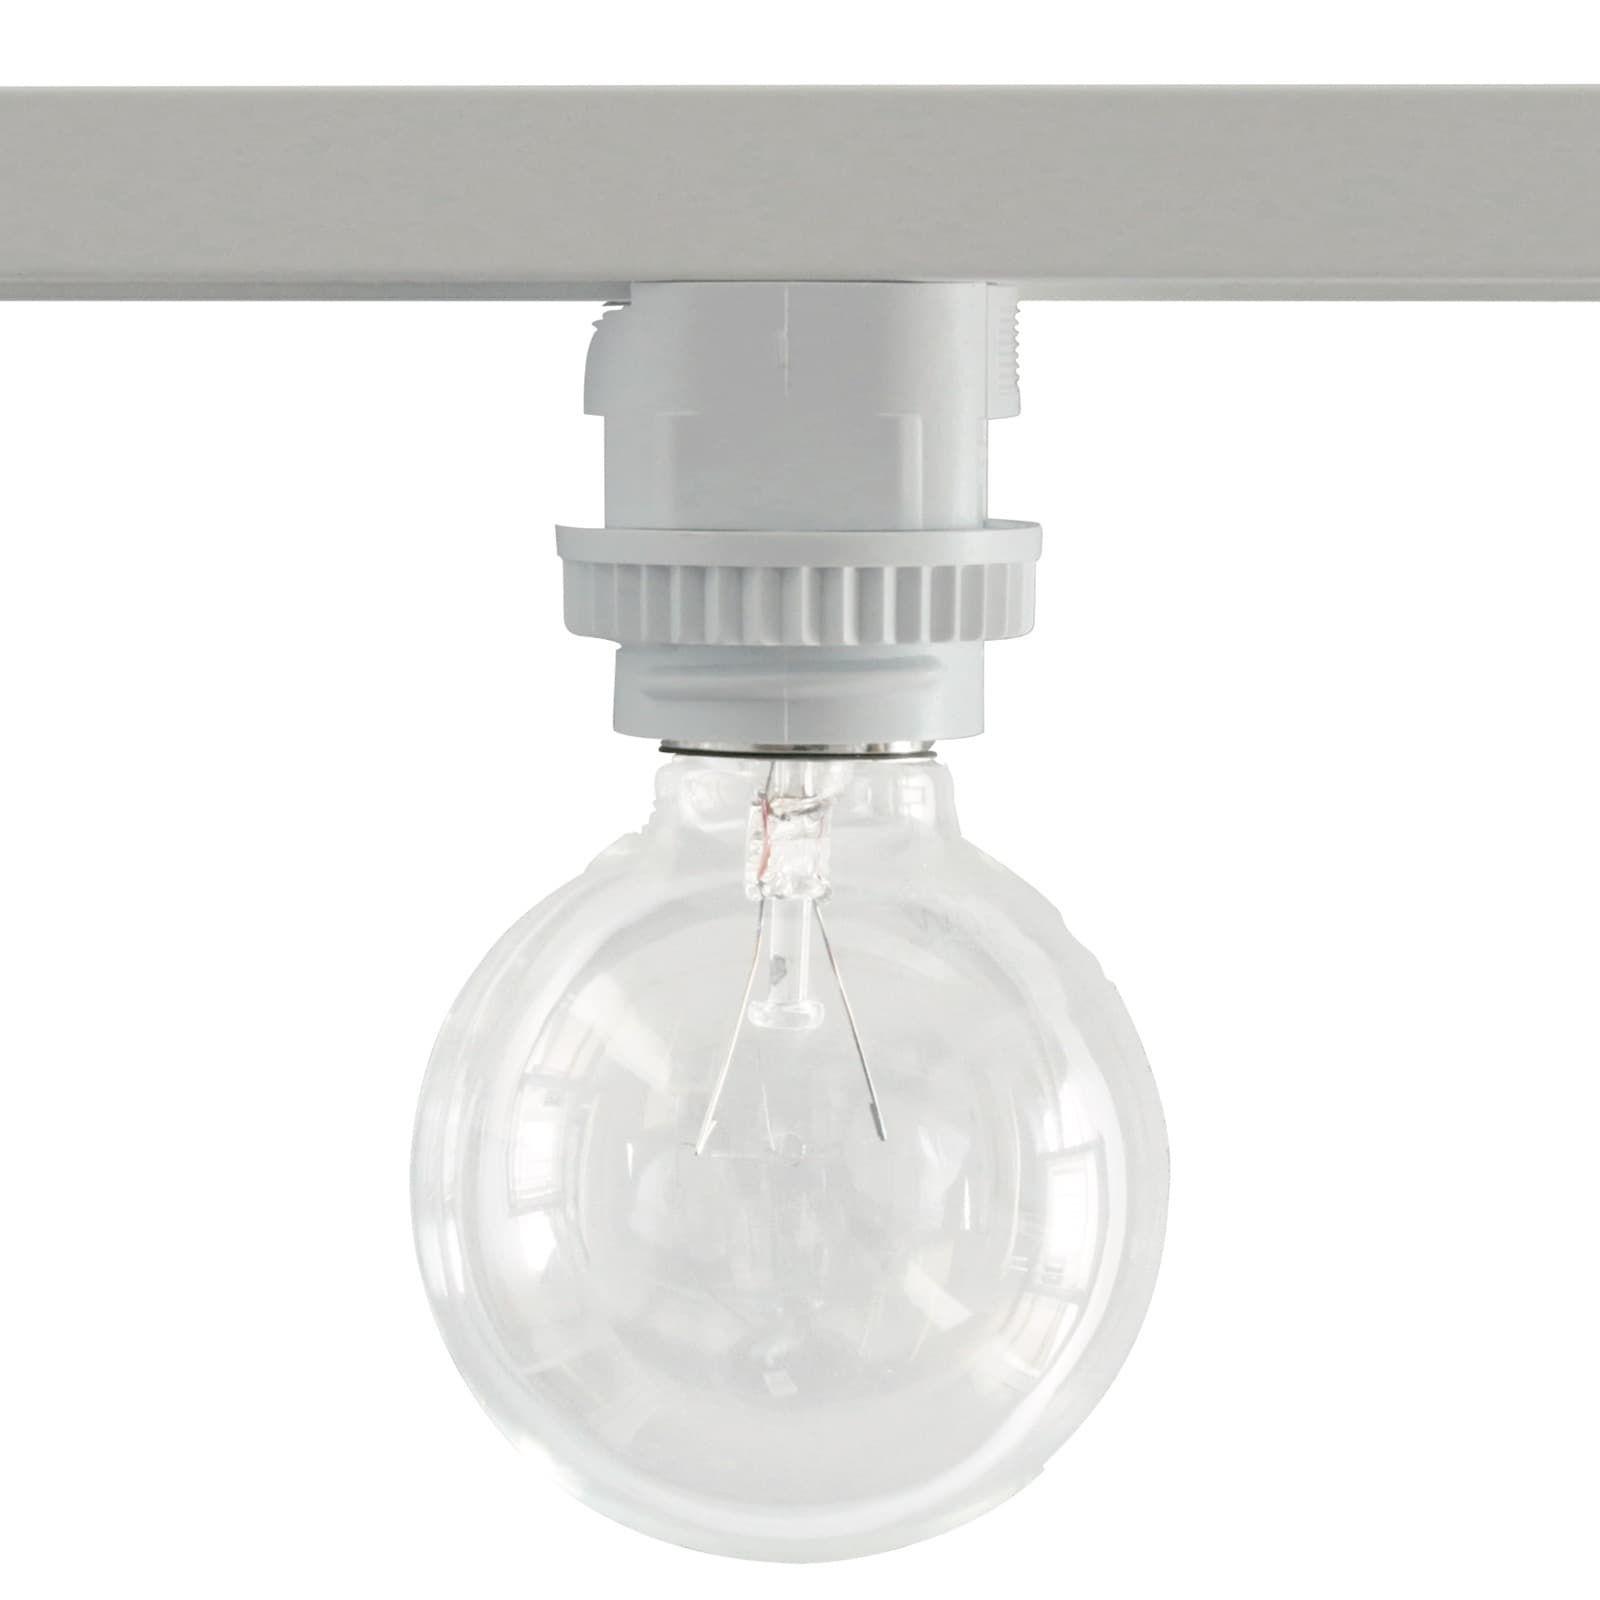 サイズ レール下 H41 F43mm素材 樹脂適合電球 白熱灯 60w 電球形蛍光灯 60w型 Led電球 60w相当 口金 E26 ライティングレール 電球 形 Led電球